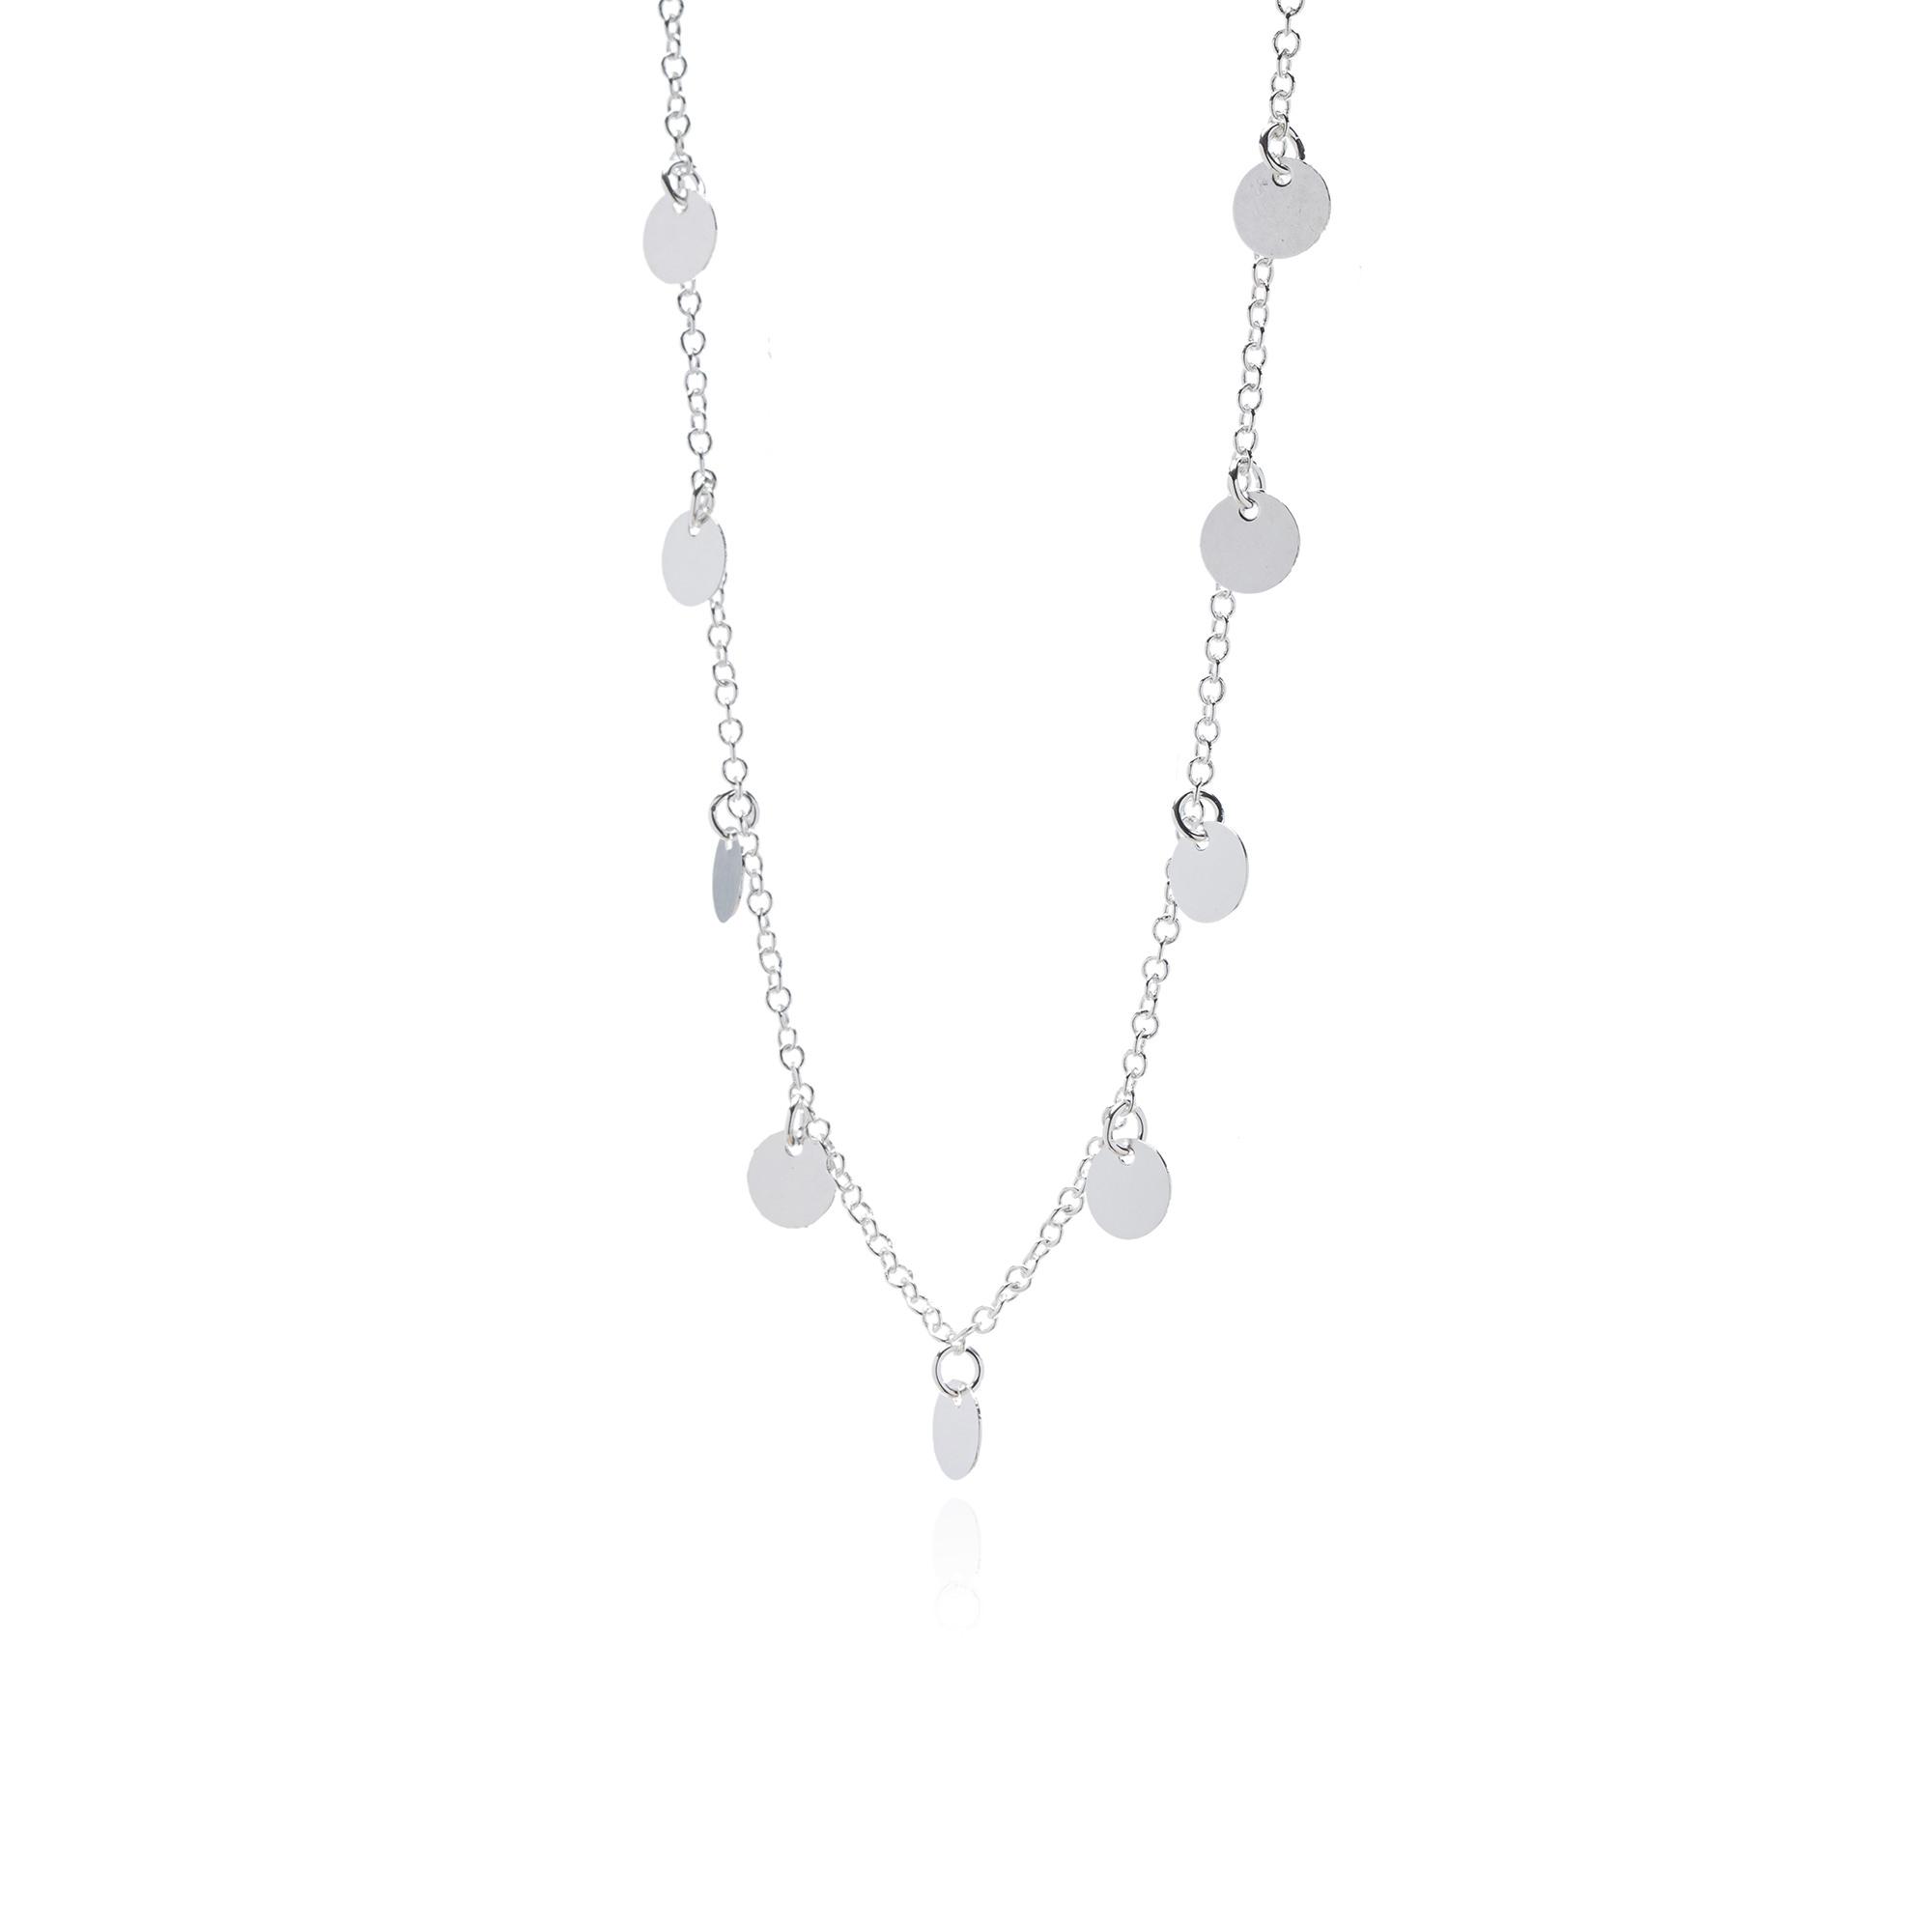 Colar Ciganinha em Prata 925 40cm + Extensor